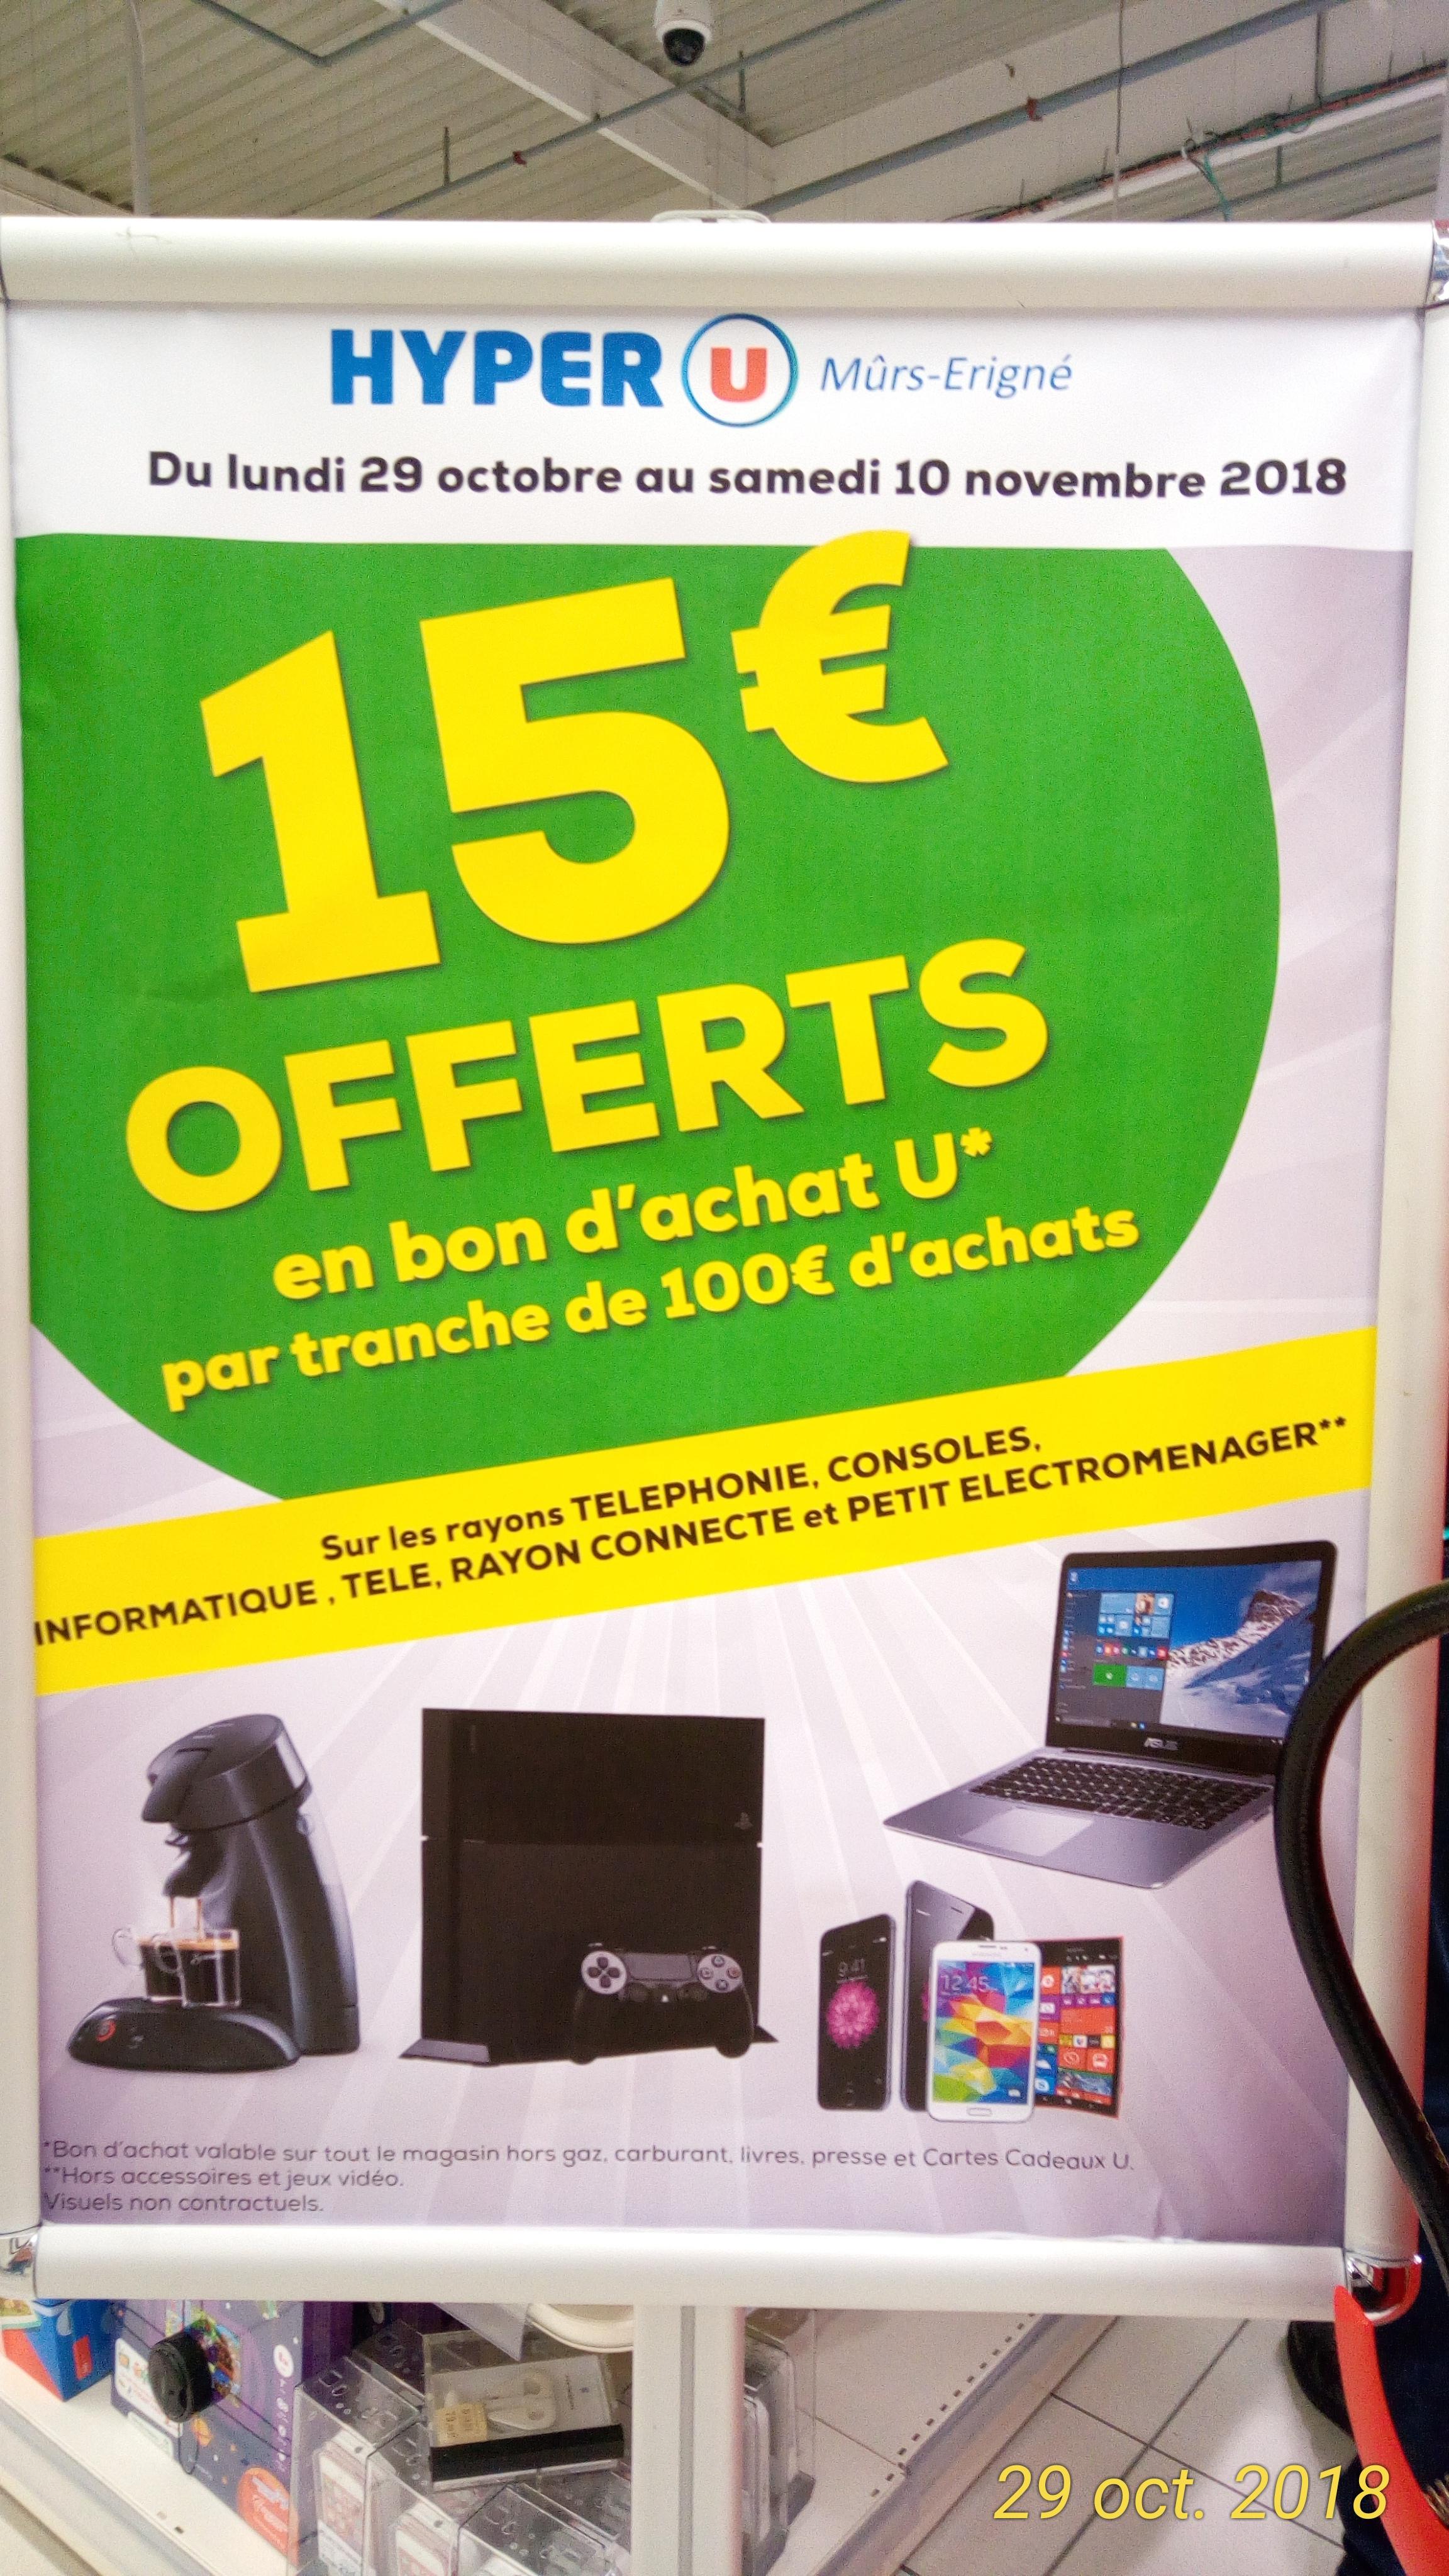 15€ offerts en bon d'achat tous les 100€ d'achat sur tun sélection de rayons High-Tech - Mûrs-Erigné (49)